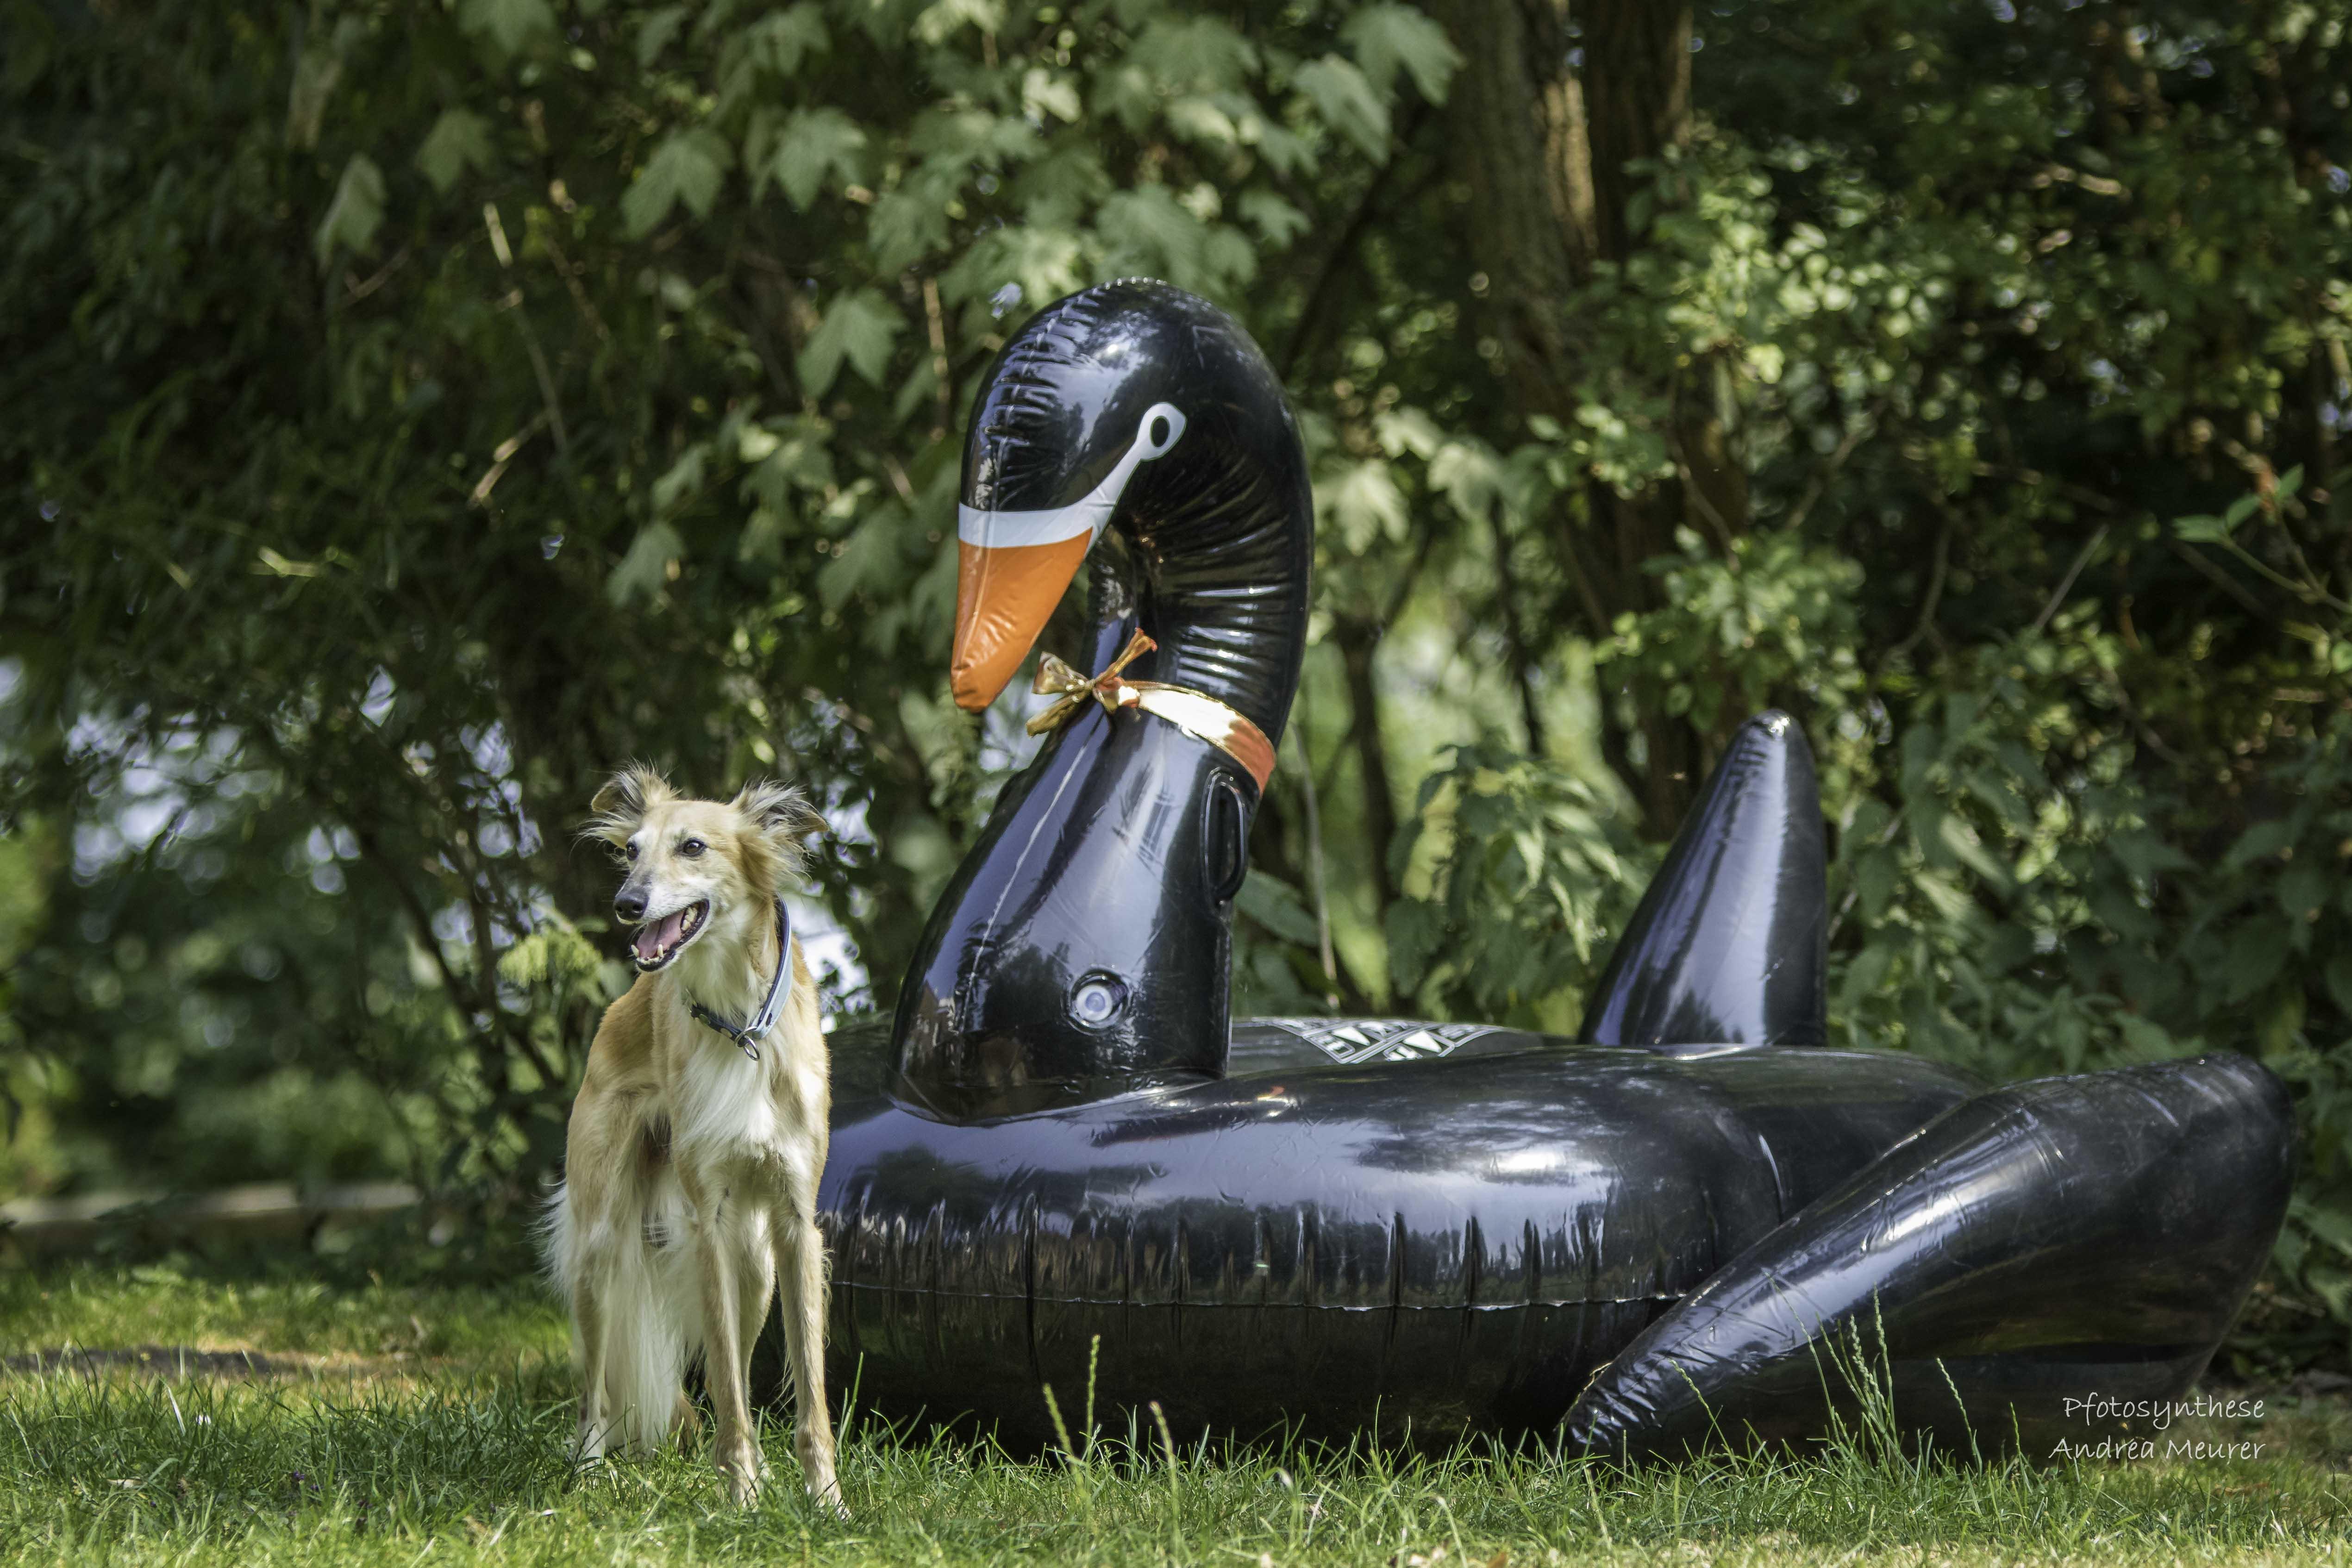 Großes Treffen der Schwäne zum 10 jährigen Jubiläum der schwarzen Schwäne